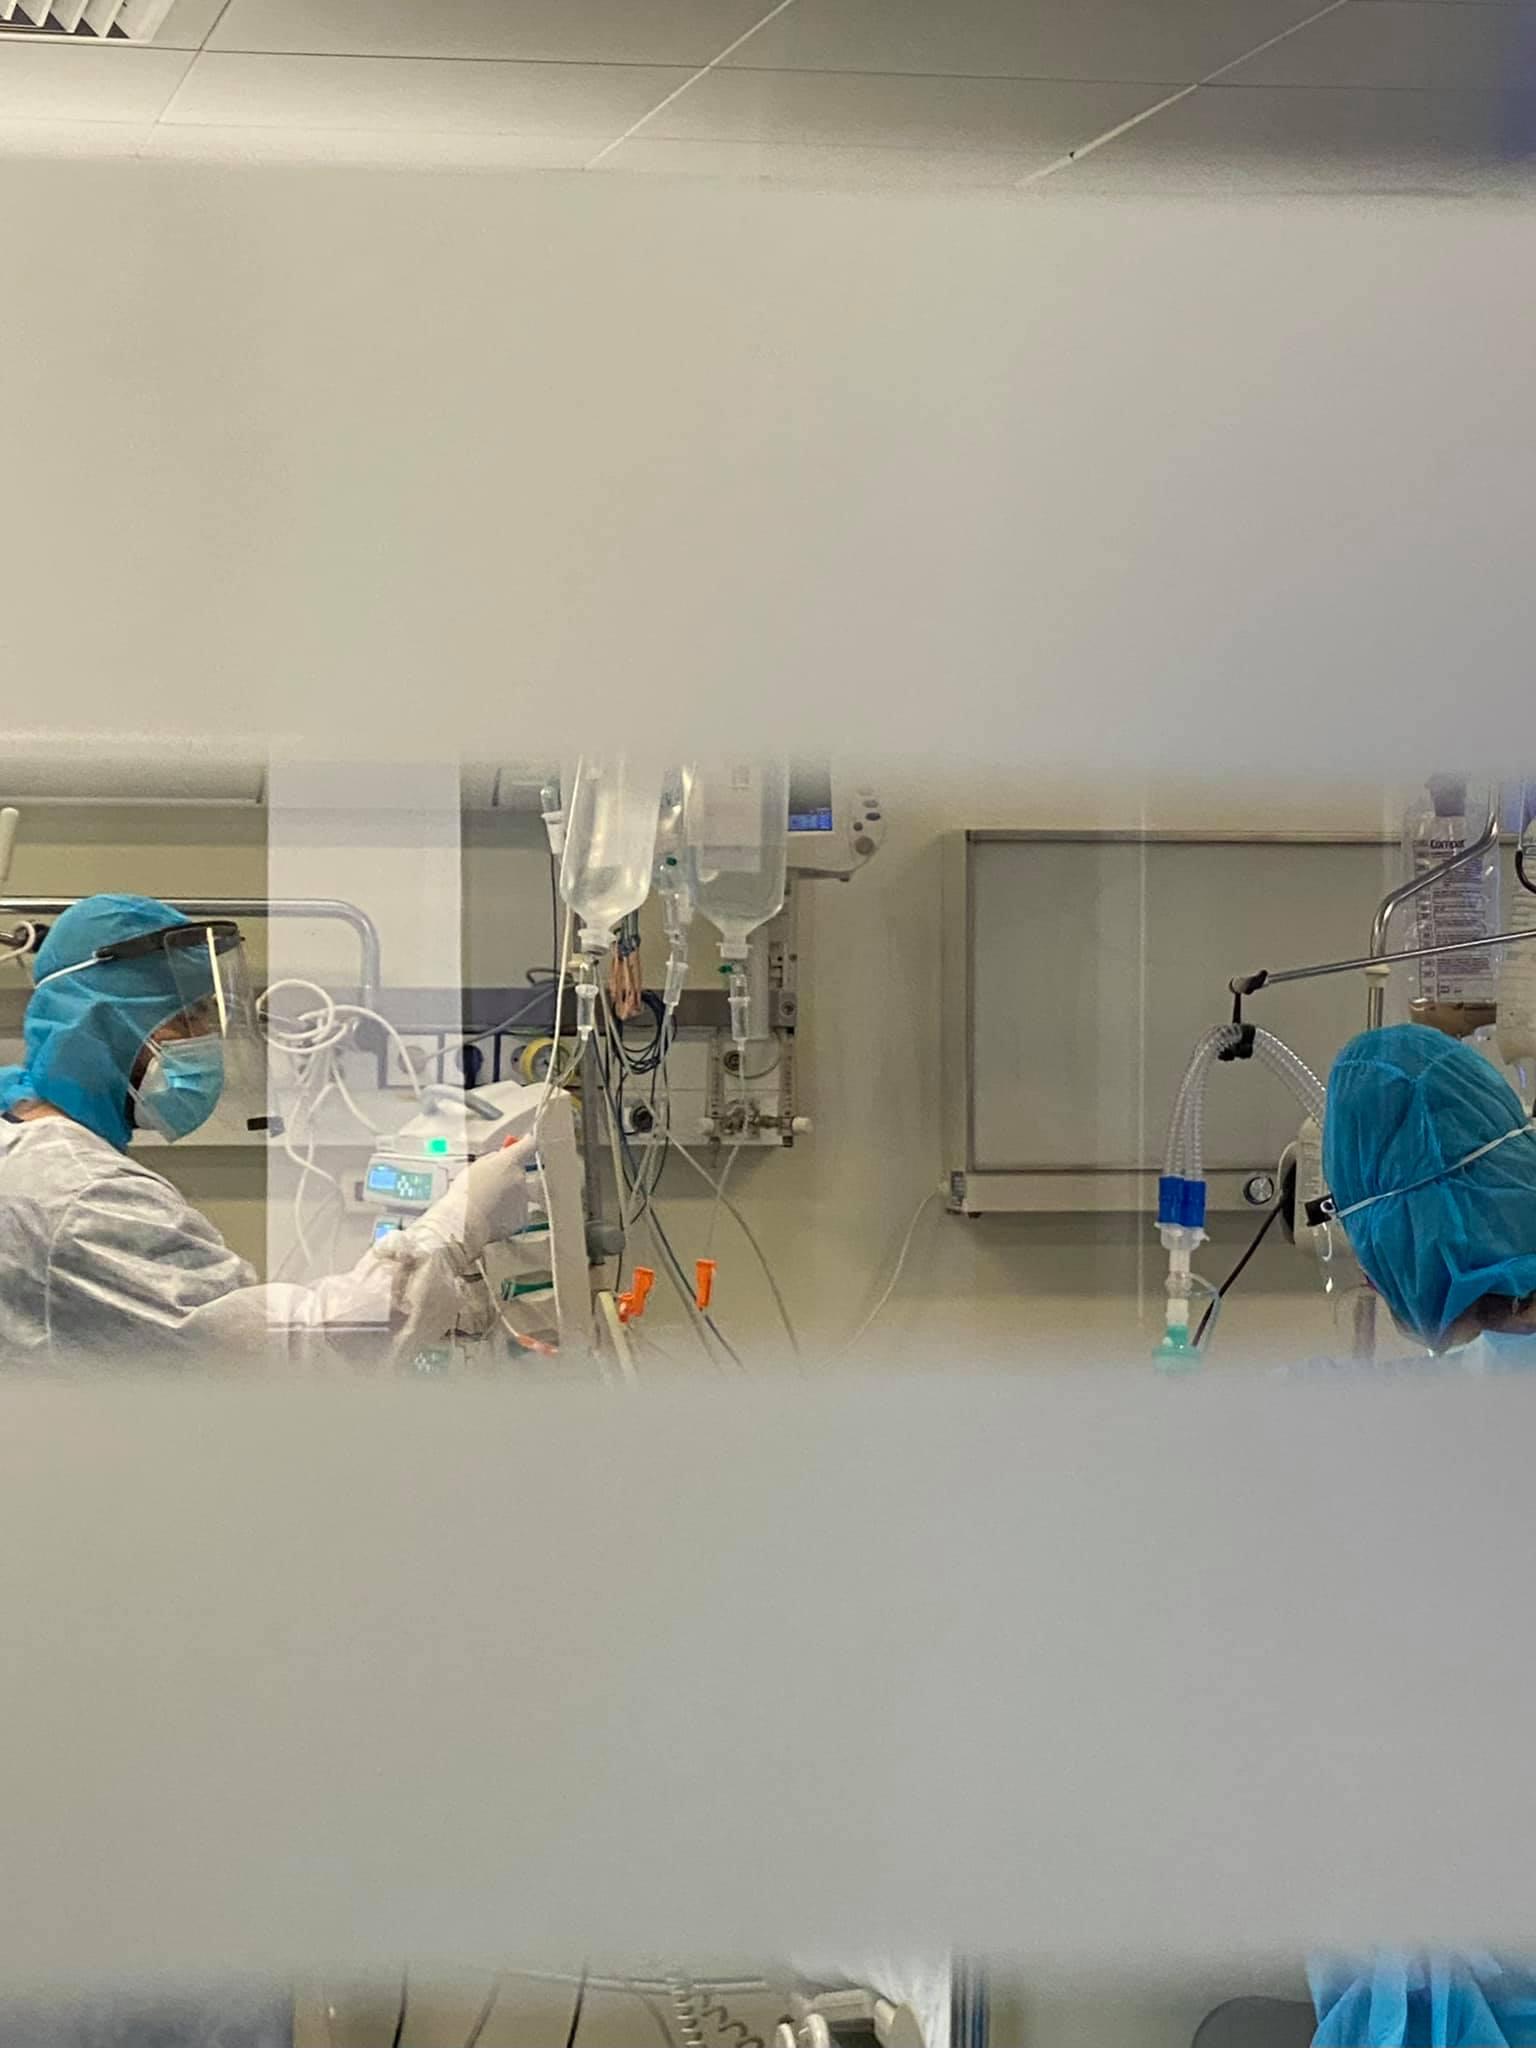 Ξάνθη: 7 νέες ΜΕΘ στο Νοσοκομείο για τα περιστατικά Covid-19